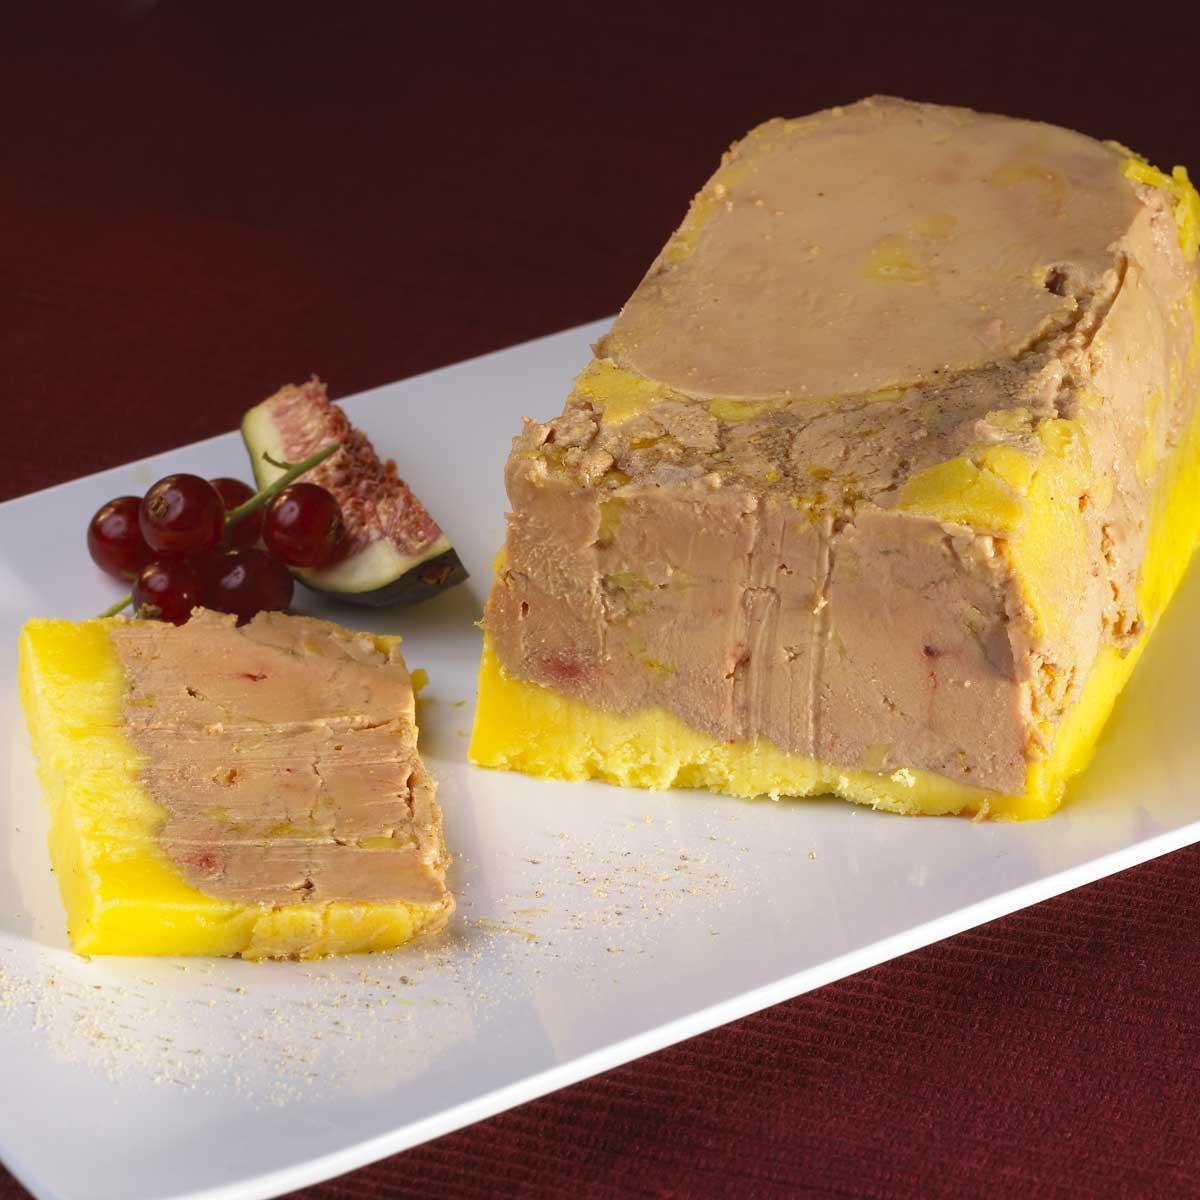 Recette terrine de foie gras de canard cuisine madame figaro - Recette terrine foie gras ...